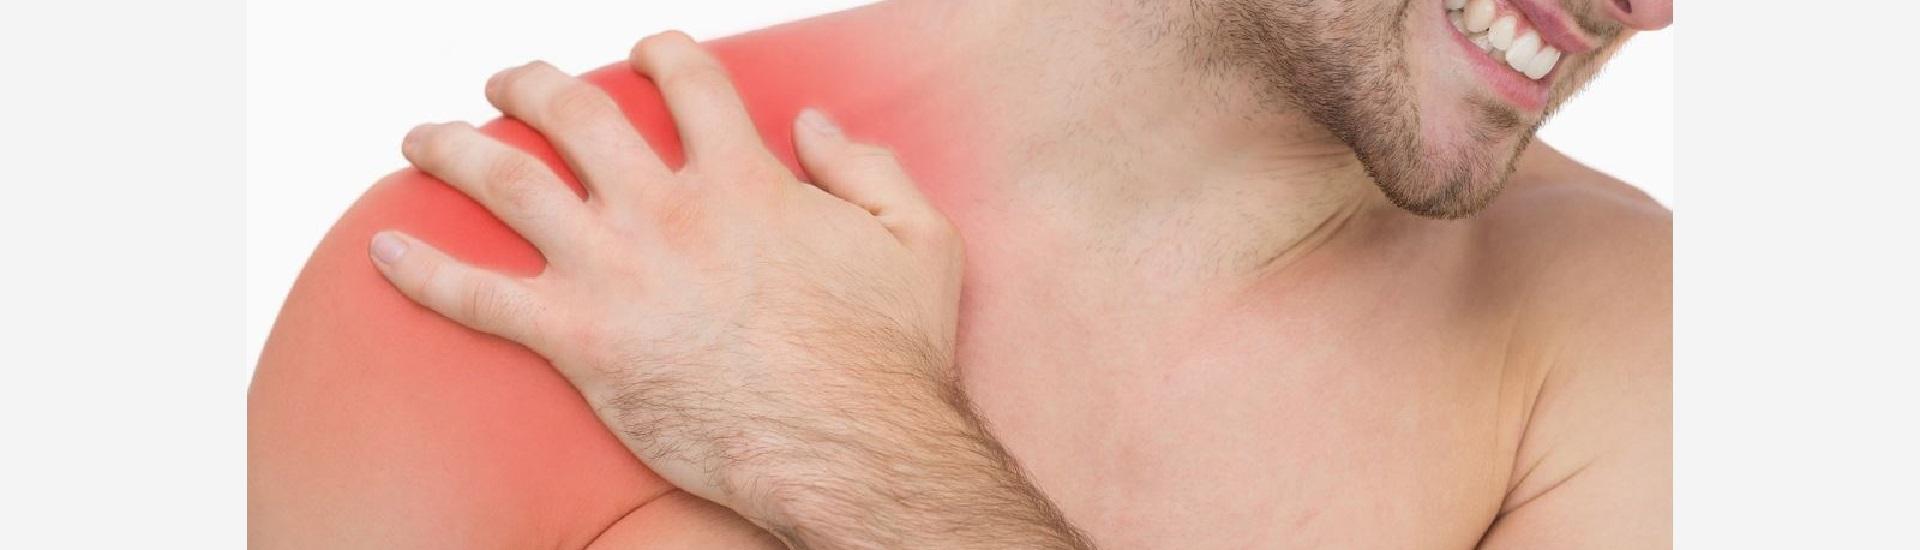 Como quitar el Aire del Hombro con 5 Tratamientos Naturales